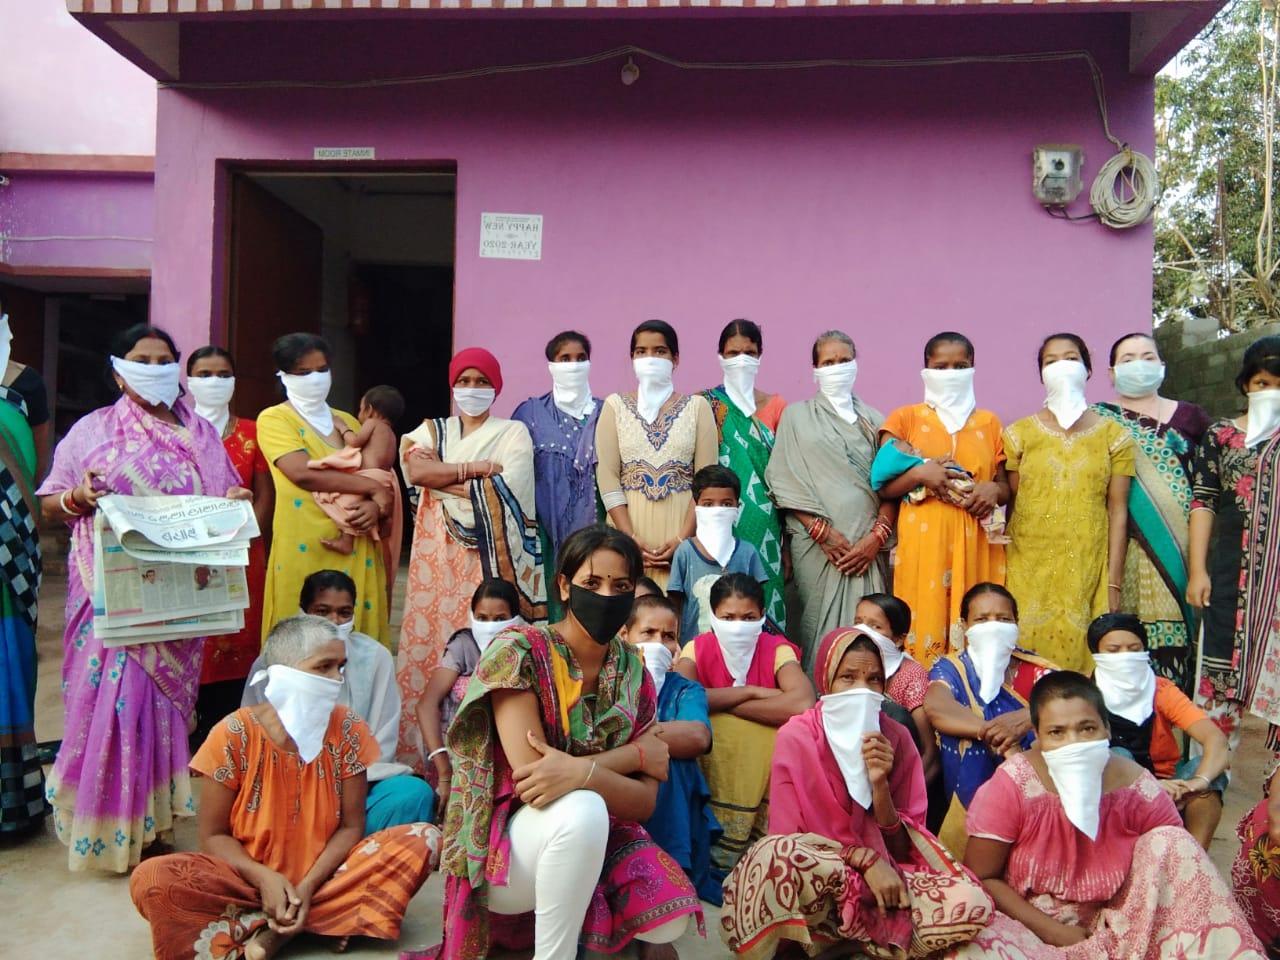 Centros Swadhar. El caso de Anjali